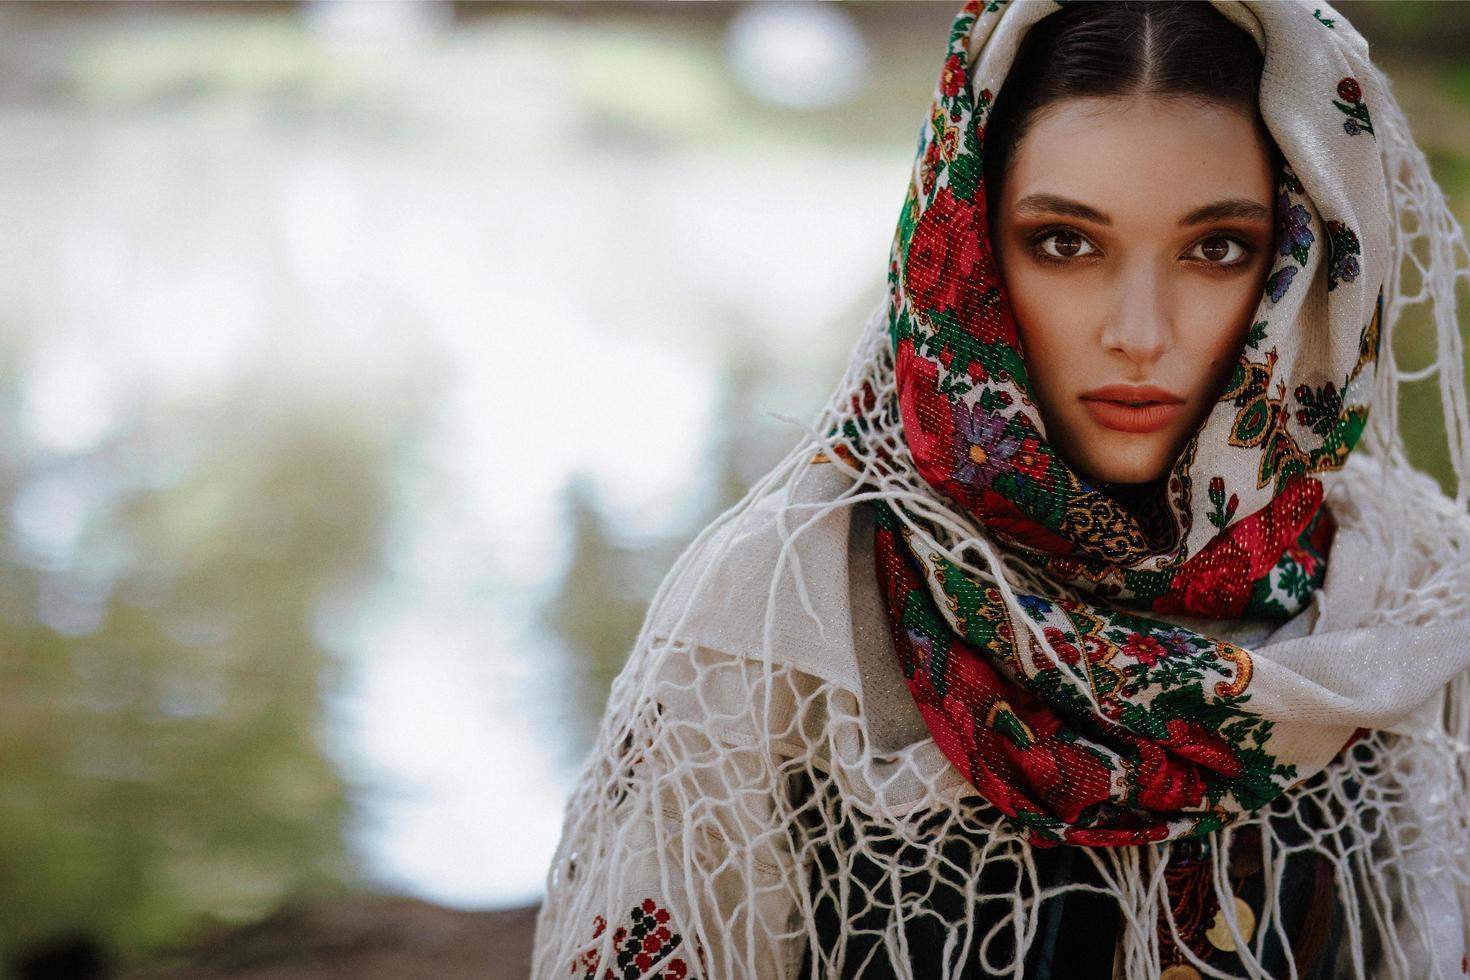 Porträt eines jungen Mädchens in einer traditionellen ethnischen Kleidung foto